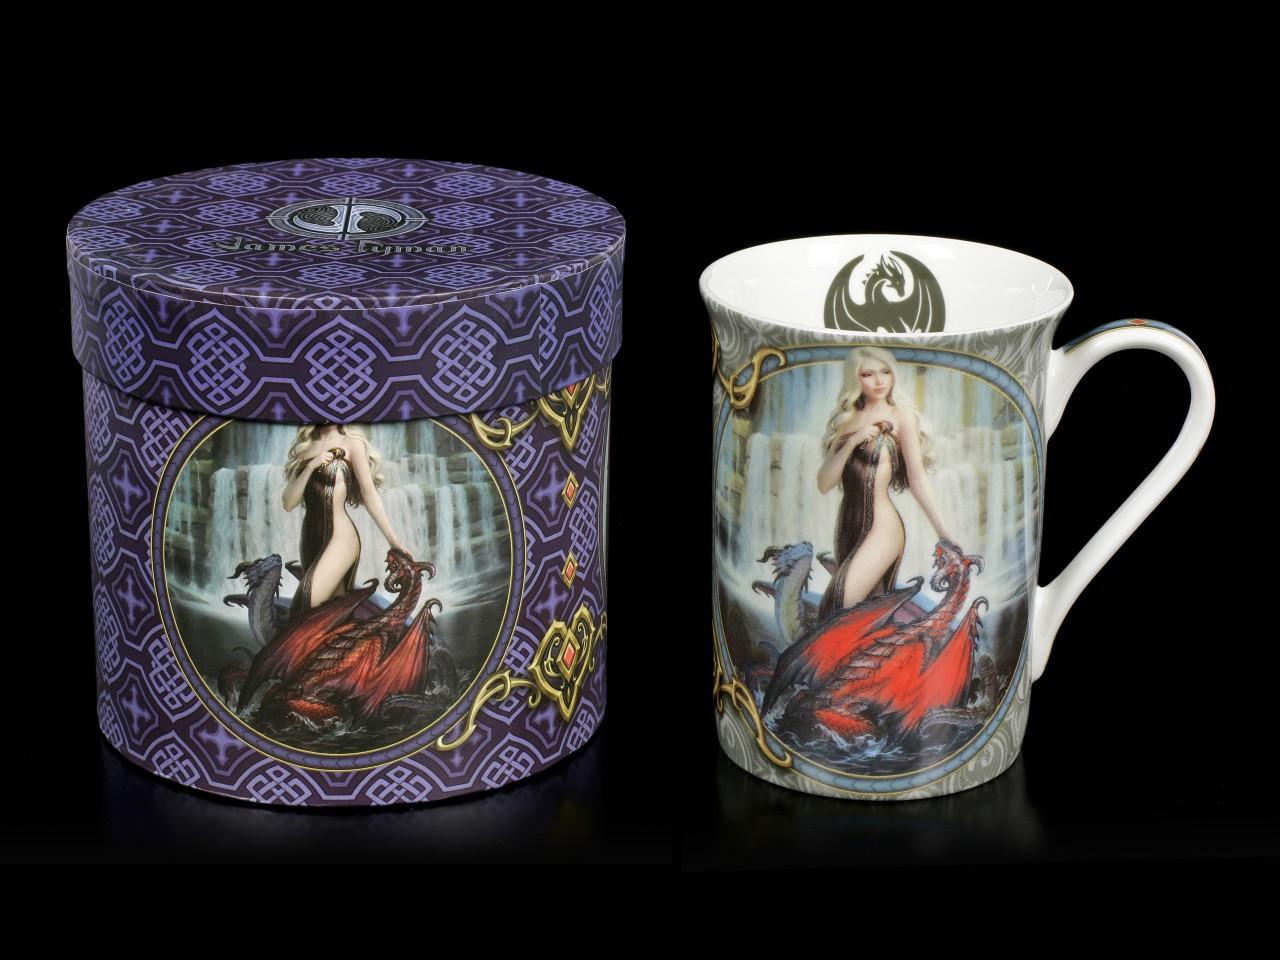 Porzellan Tasse mit Drachen - Dragon Bathers